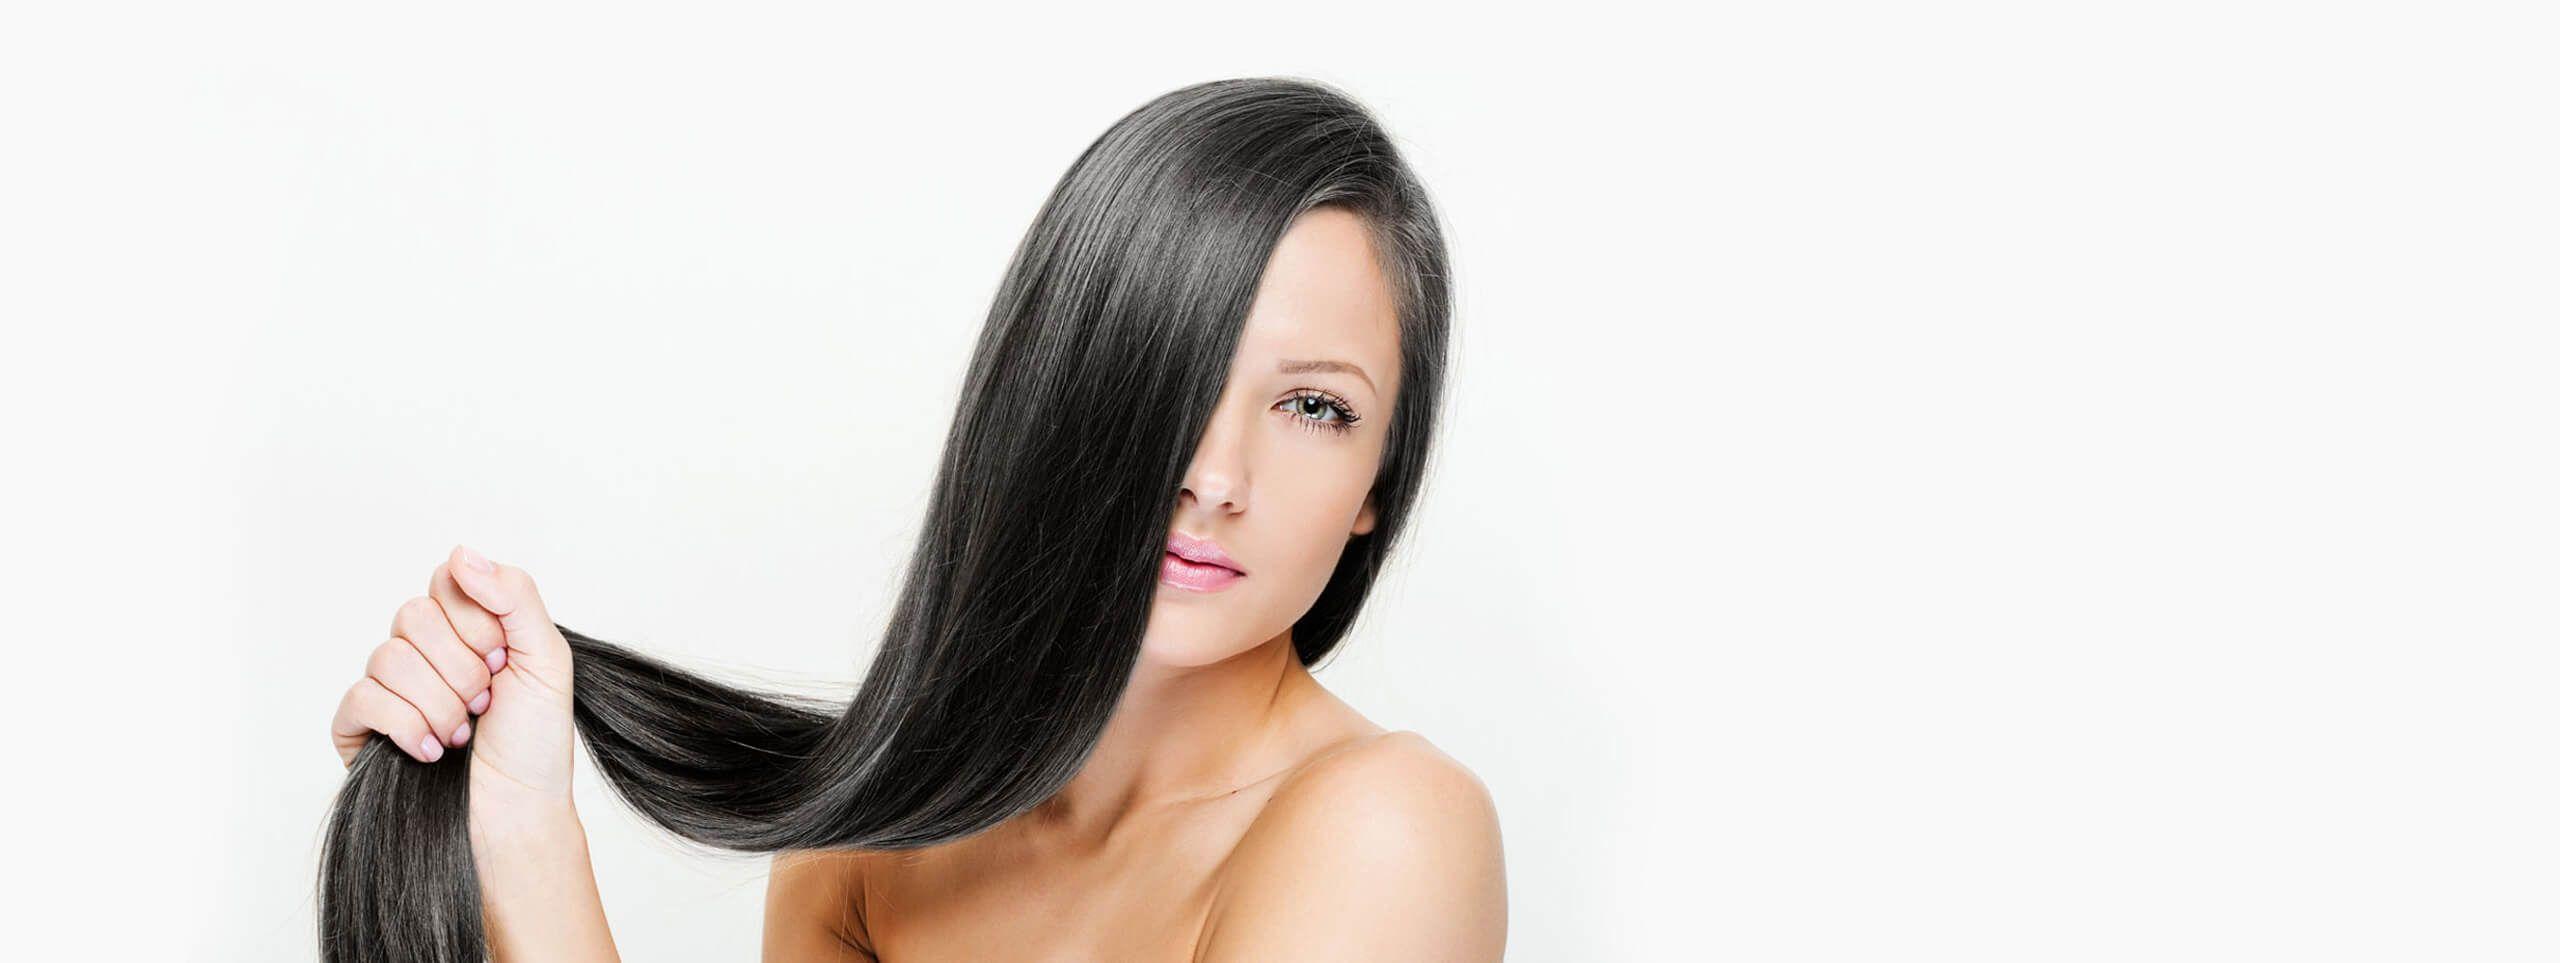 Kobieta o długich cienkich włosach